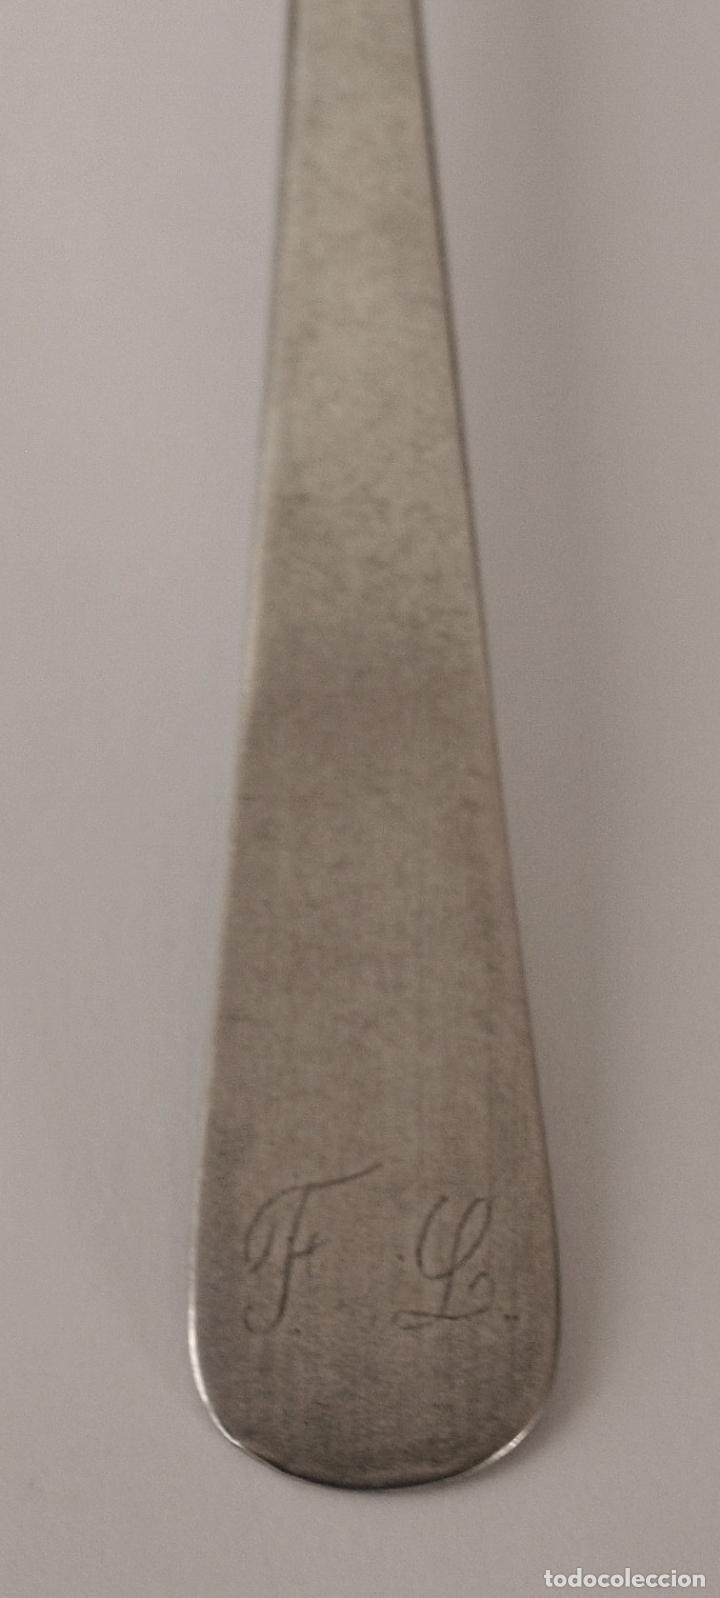 Antigüedades: TENEDOR DE PLATA DE LEY CONTRASTADA. S. XIX. 31 GRAMOS. 17,5 CM LARGO. VER FOTOS Y DESCRIPCION - Foto 4 - 146293258